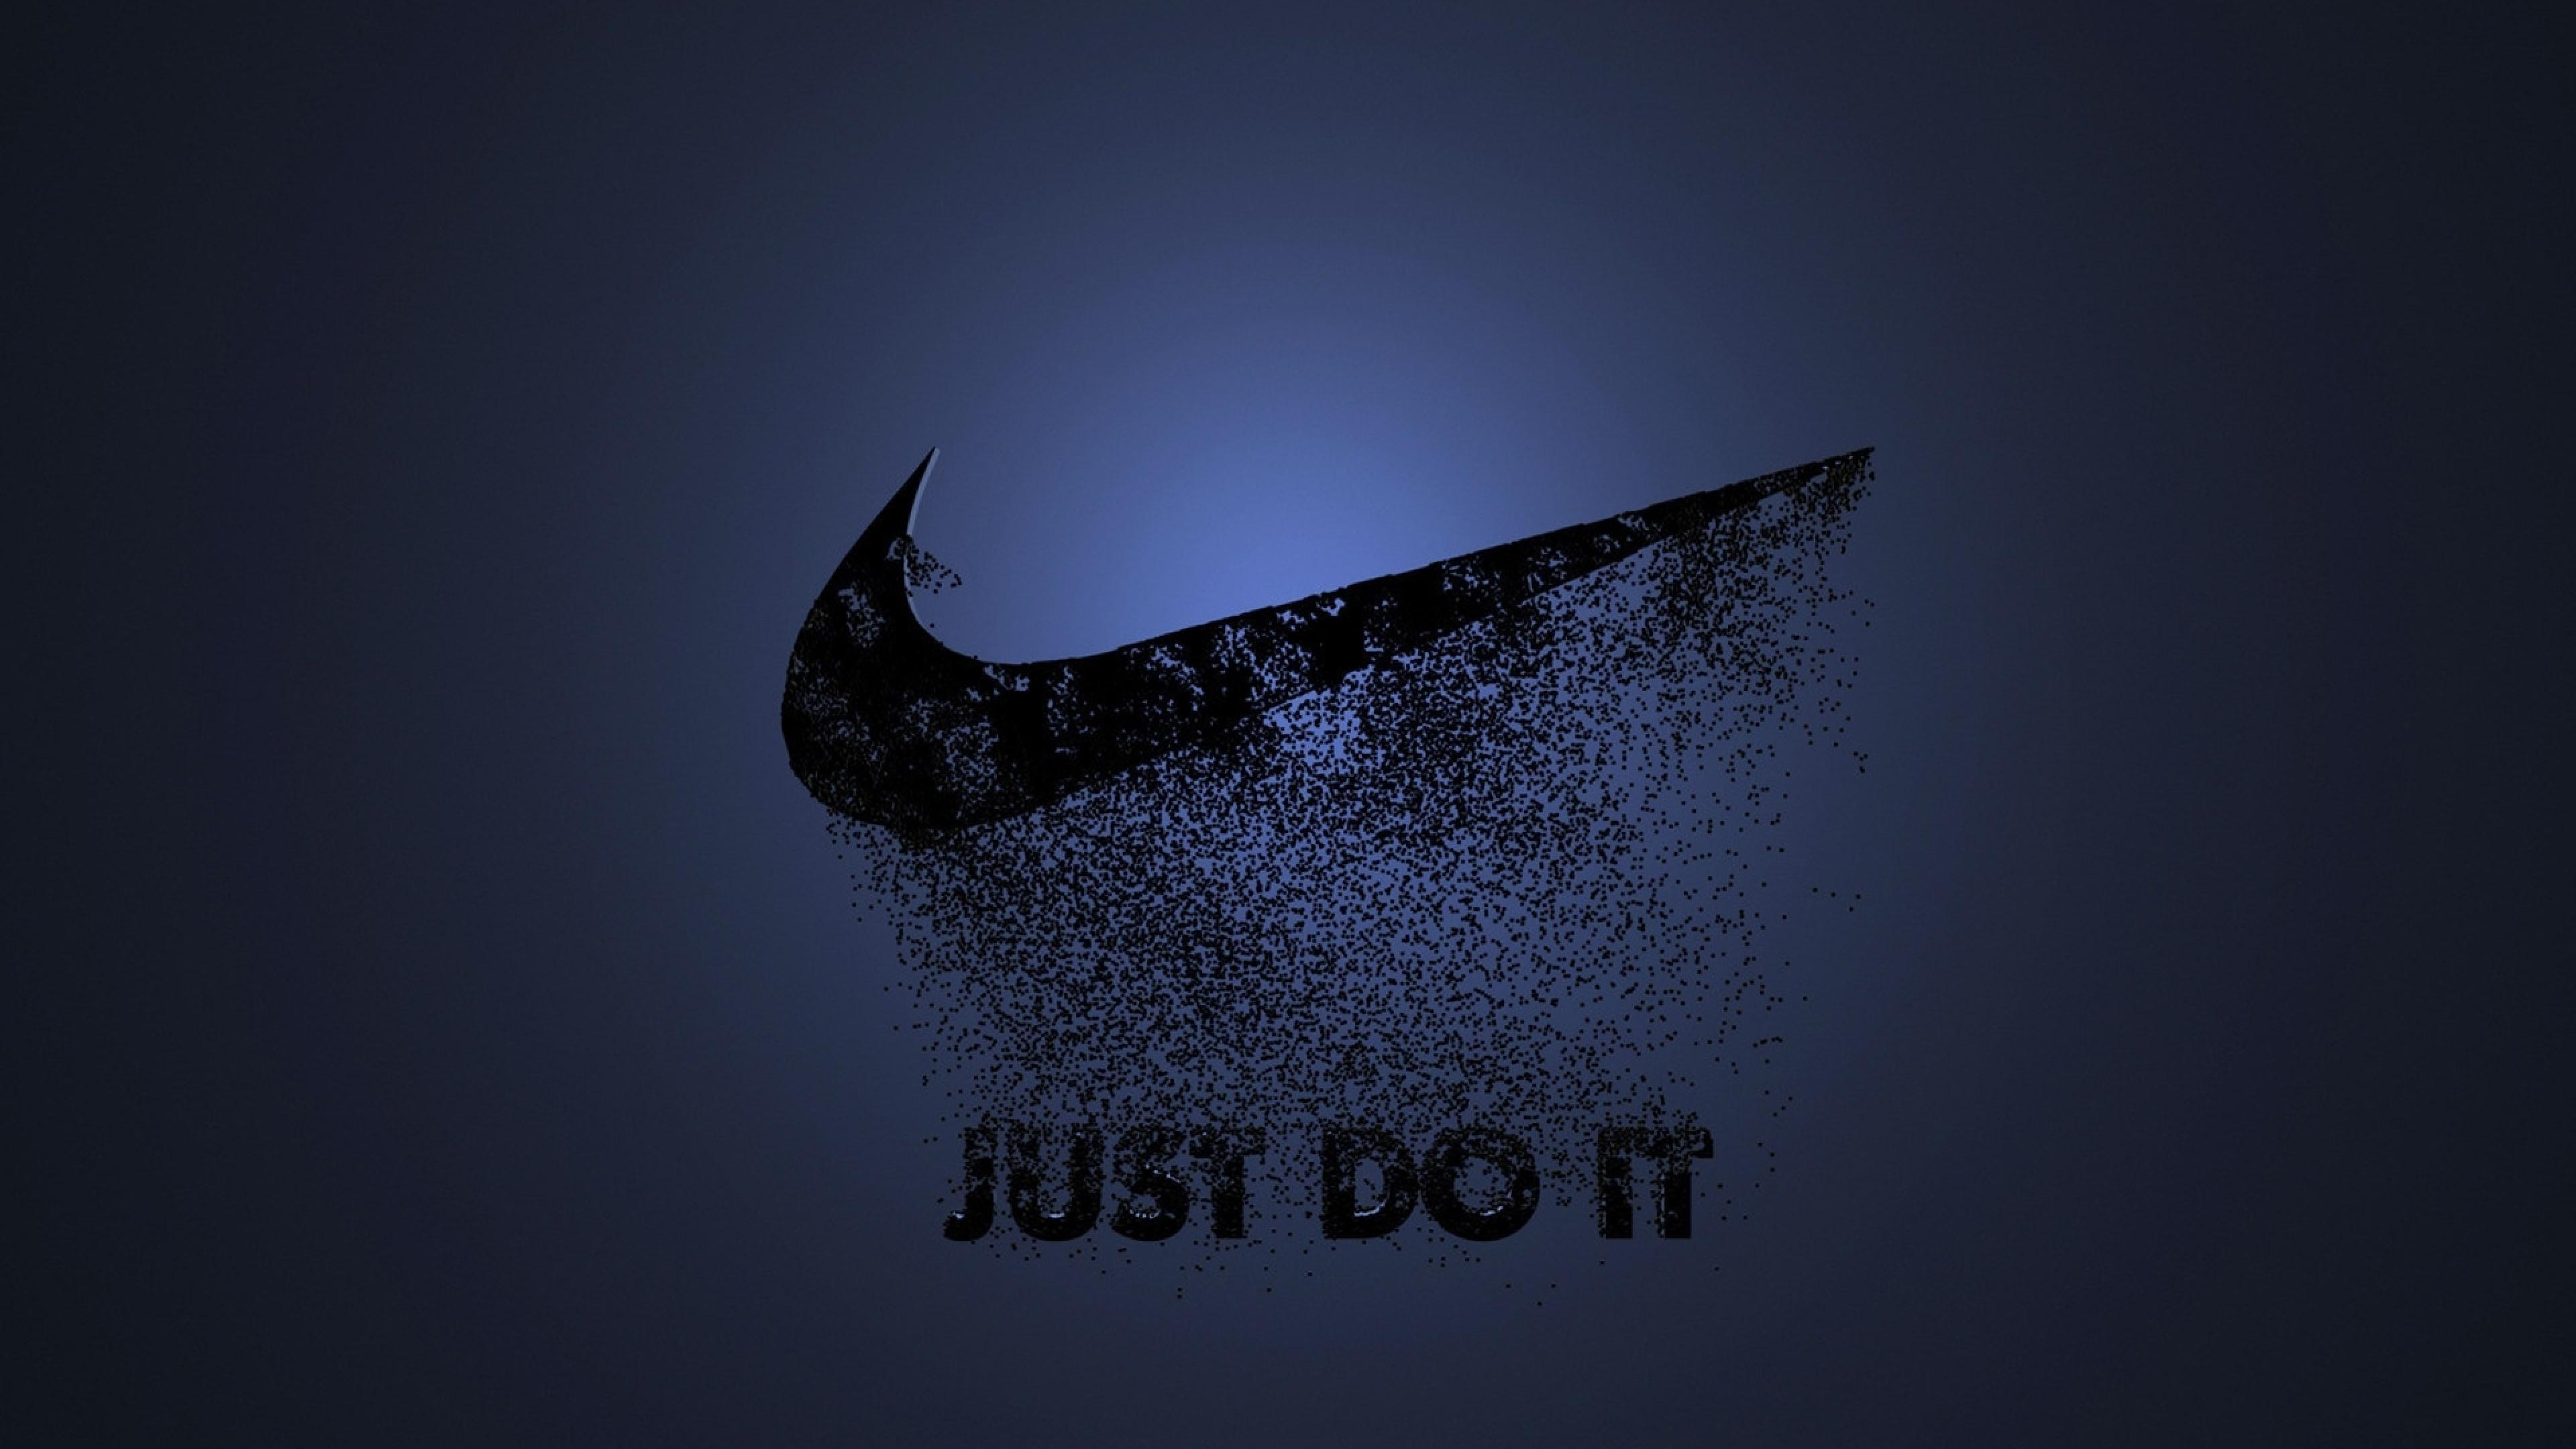 wallpaper.wiki-Nike-logo-wallpaper-Just-do-it-